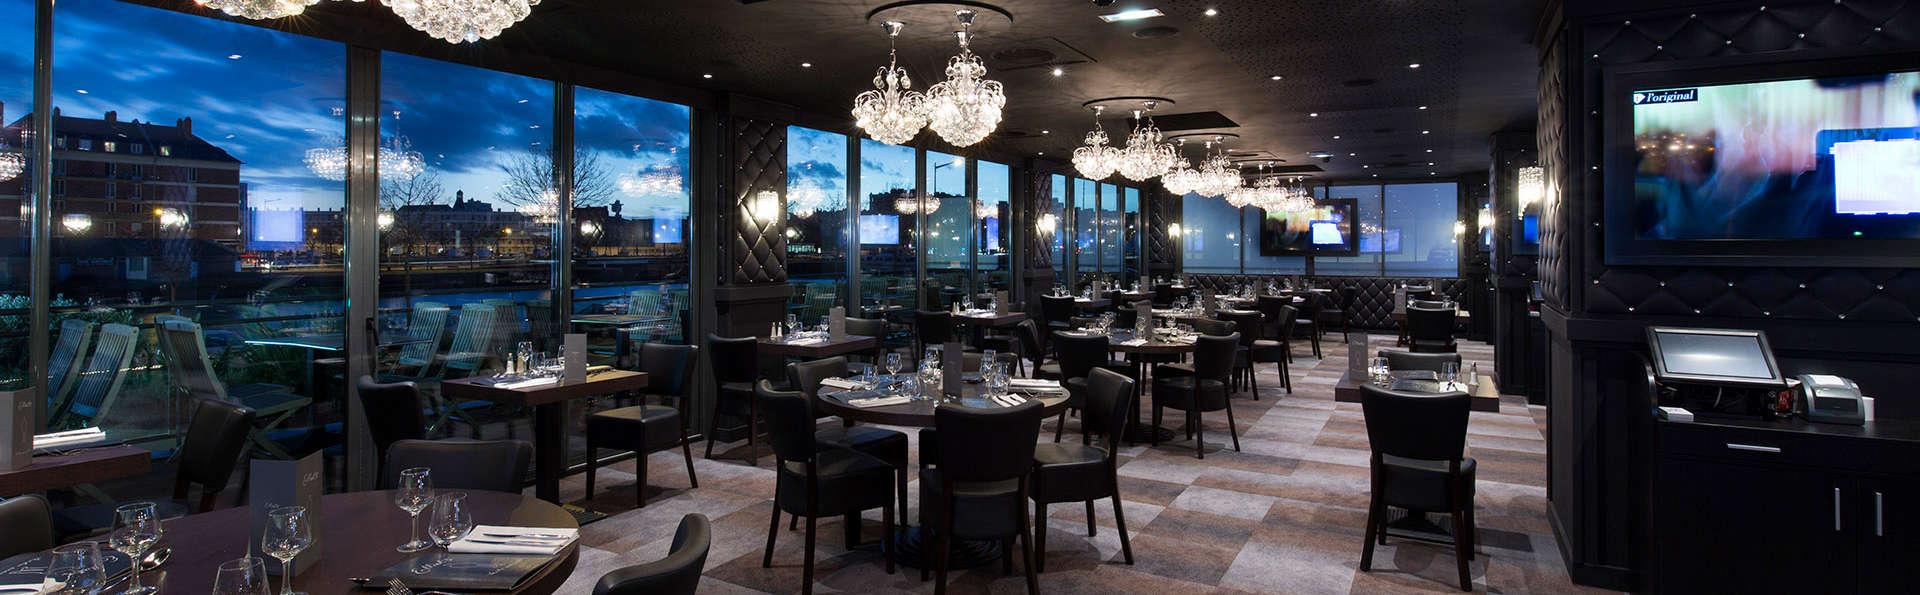 Week-end détente avec dîner au Havre